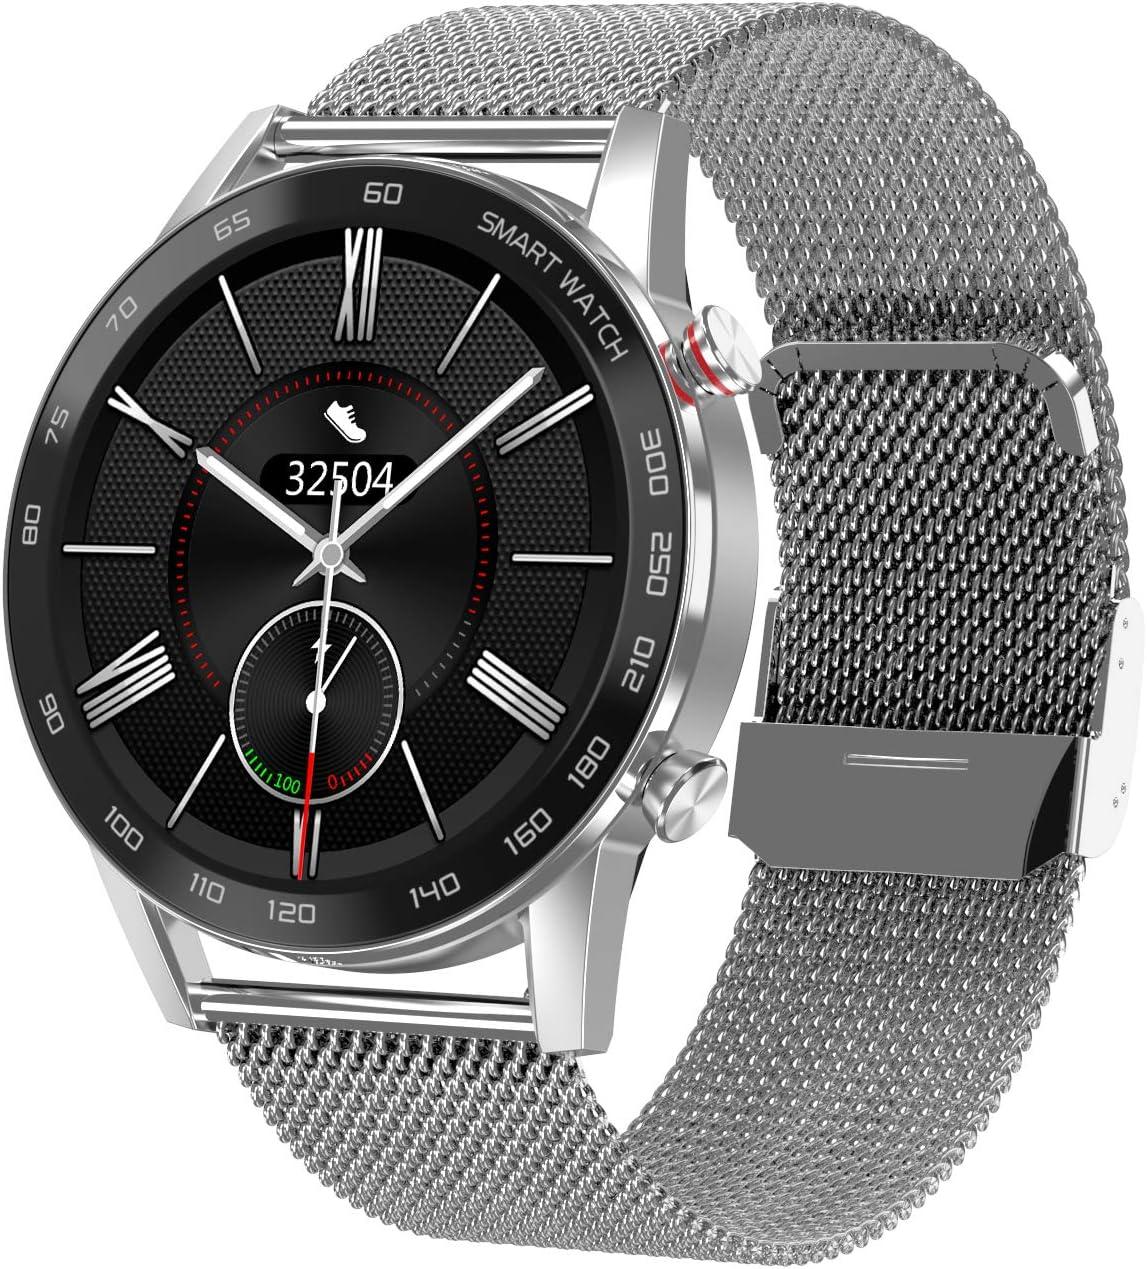 WT2 Smartwatch, Reloj Inteligente con, Monitor del Sueño, Pulsómetro, Impermeable Cronometro Monitor de Actividad y Presión Arterial Compatible Android iOS (Plata (Metal))